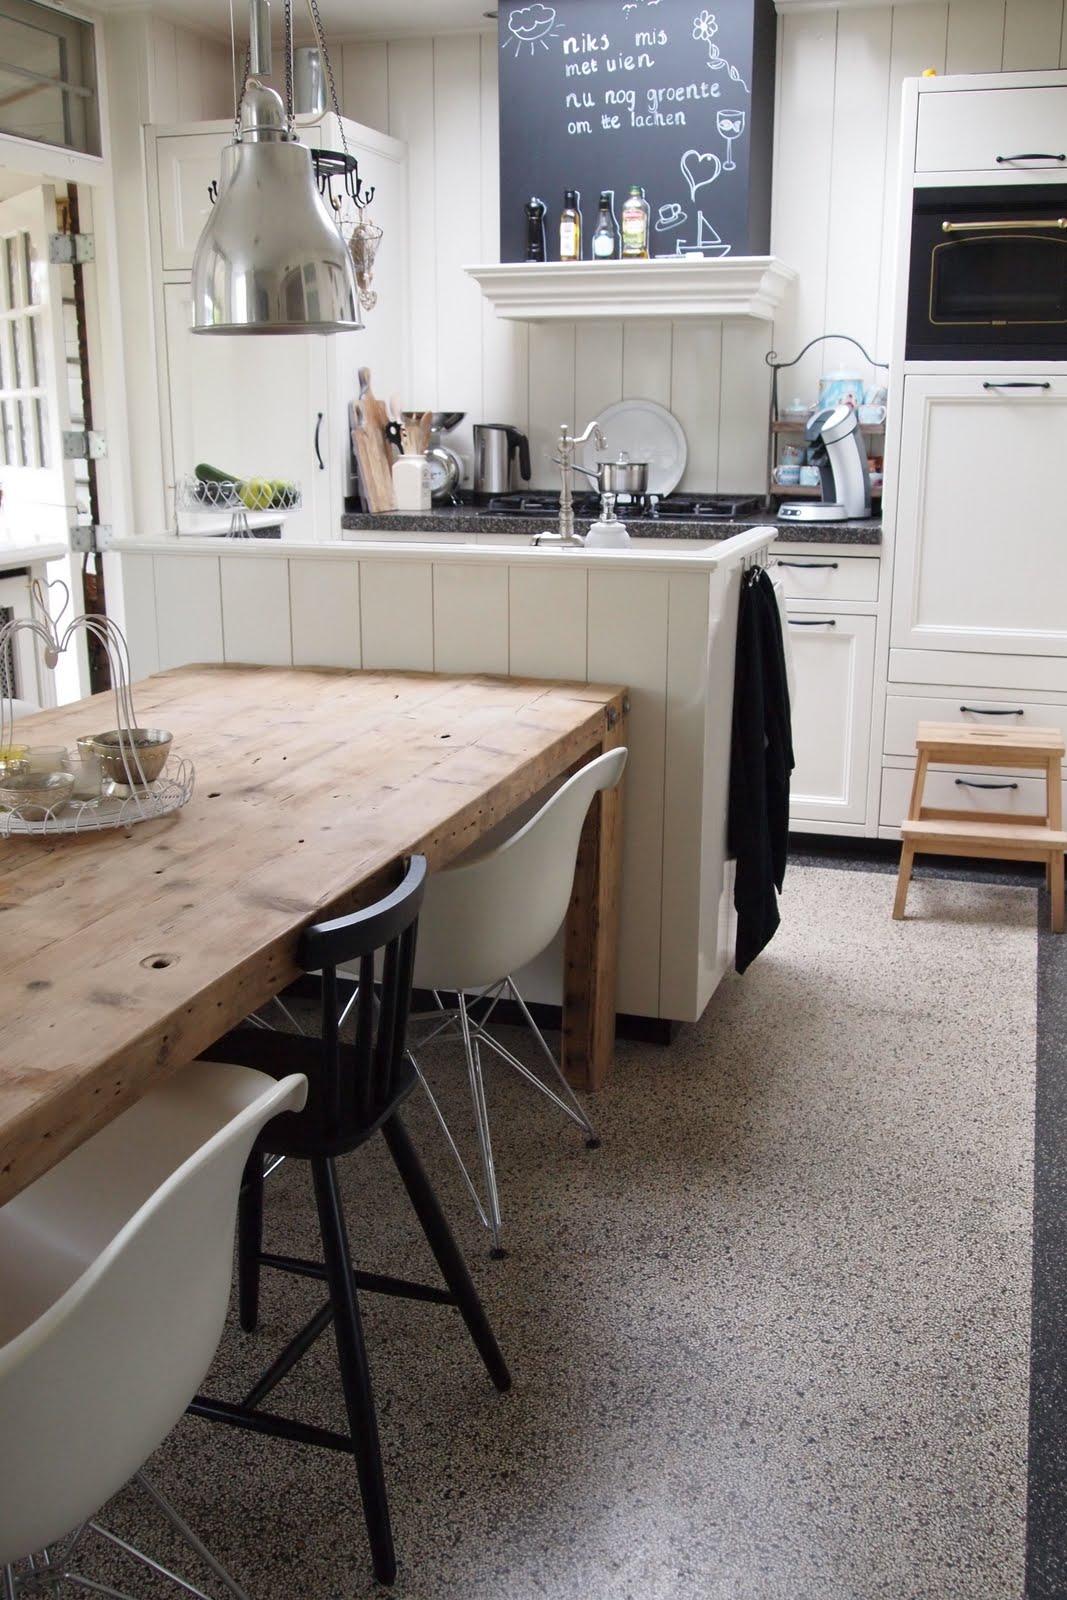 In ons huis puntje van de actielijst de keuken opnieuw schilderen - Tafel josephine wereldje van het huis ...